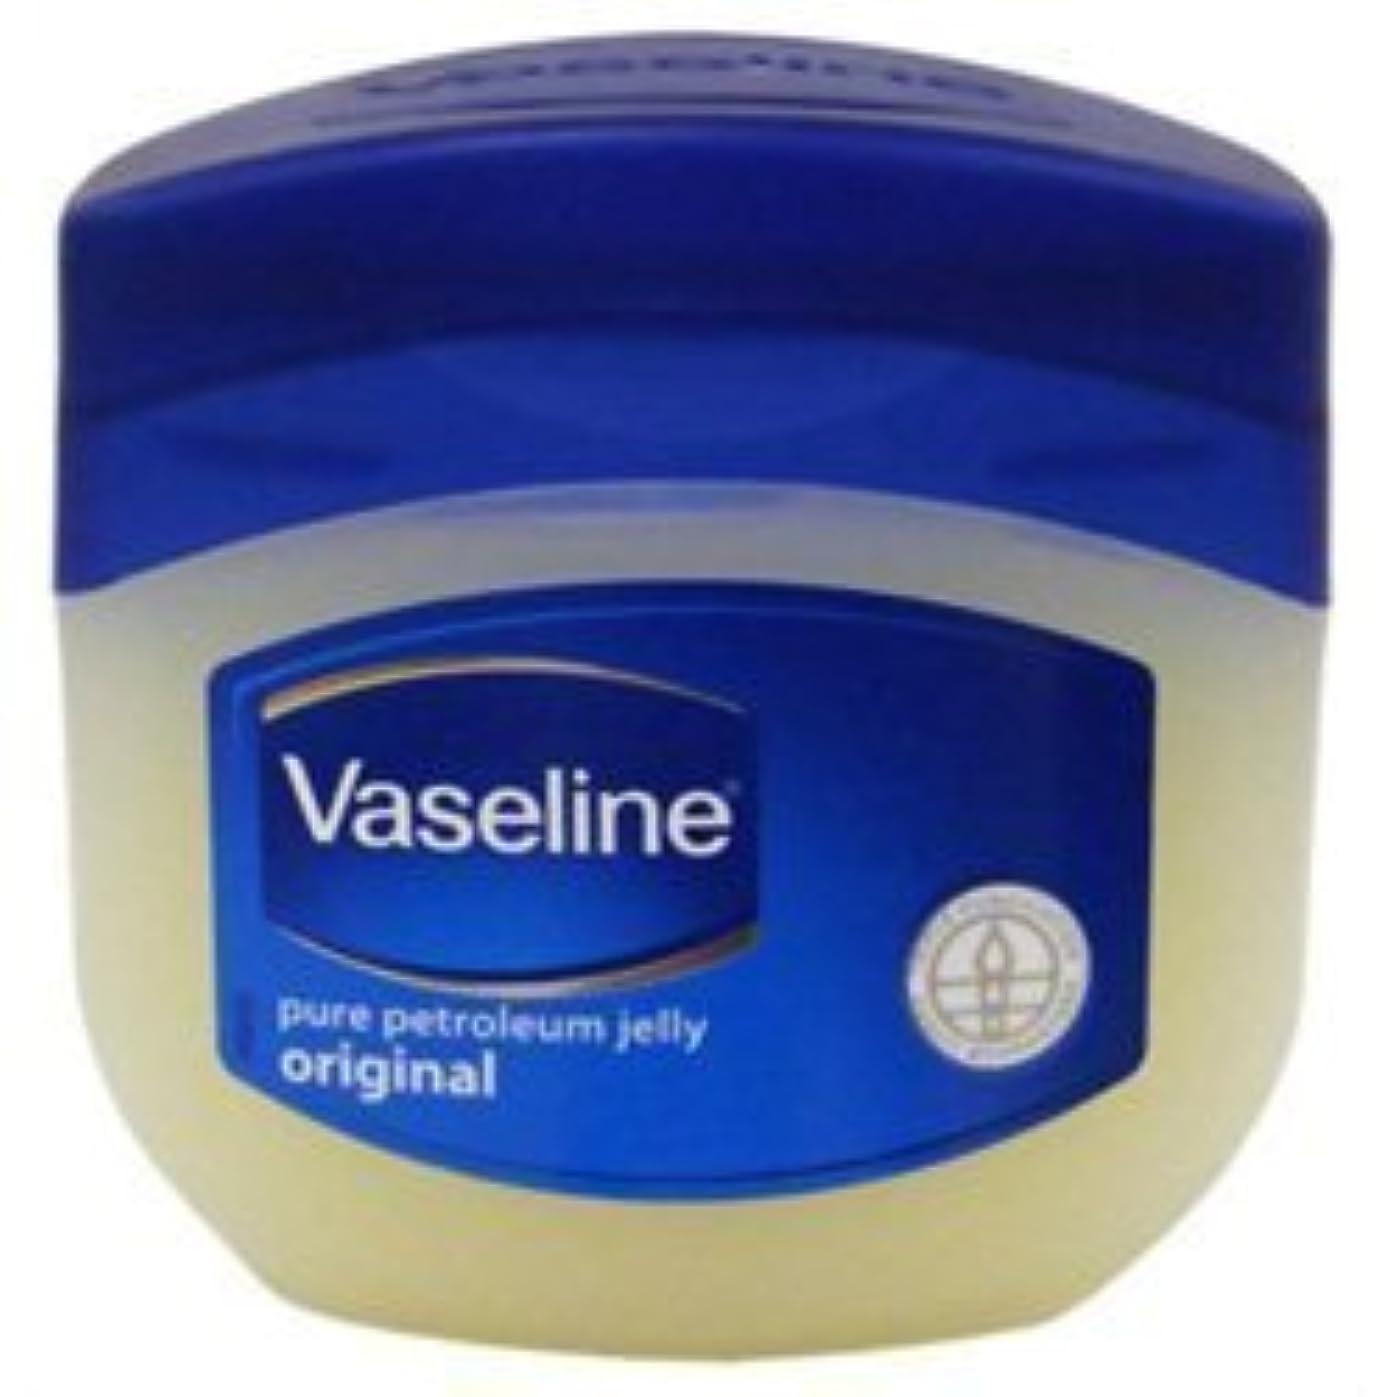 空洞蒸気いわゆる【Vaseline】ヴァセリン ピュアスキンジェリー (スキンオイル) 80g ×10個セット